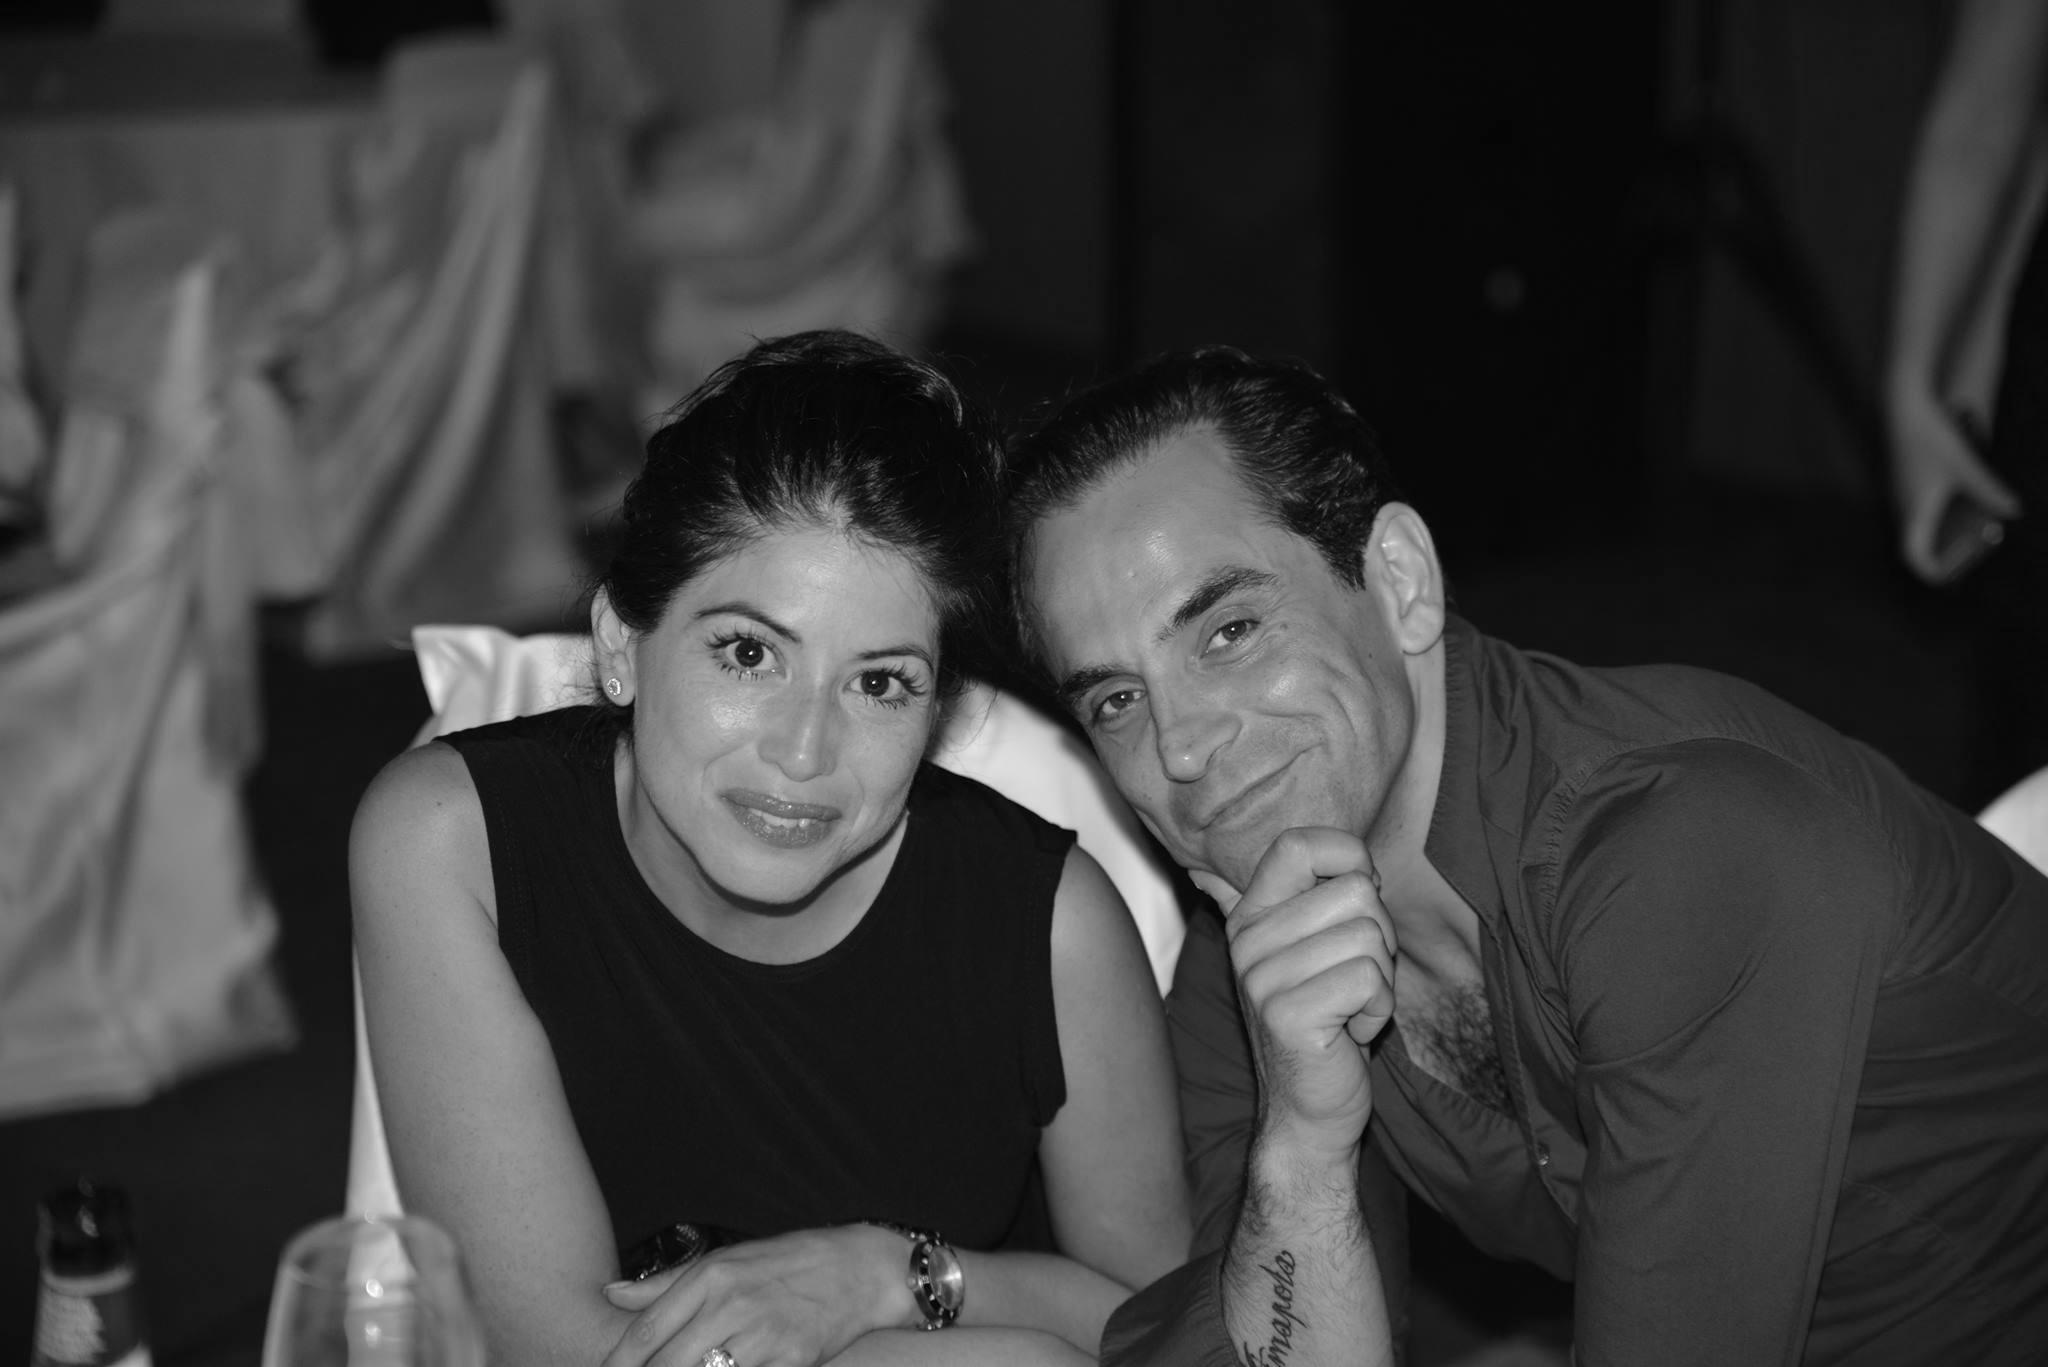 - Ezequiel Paludi & Geraldin Rojas